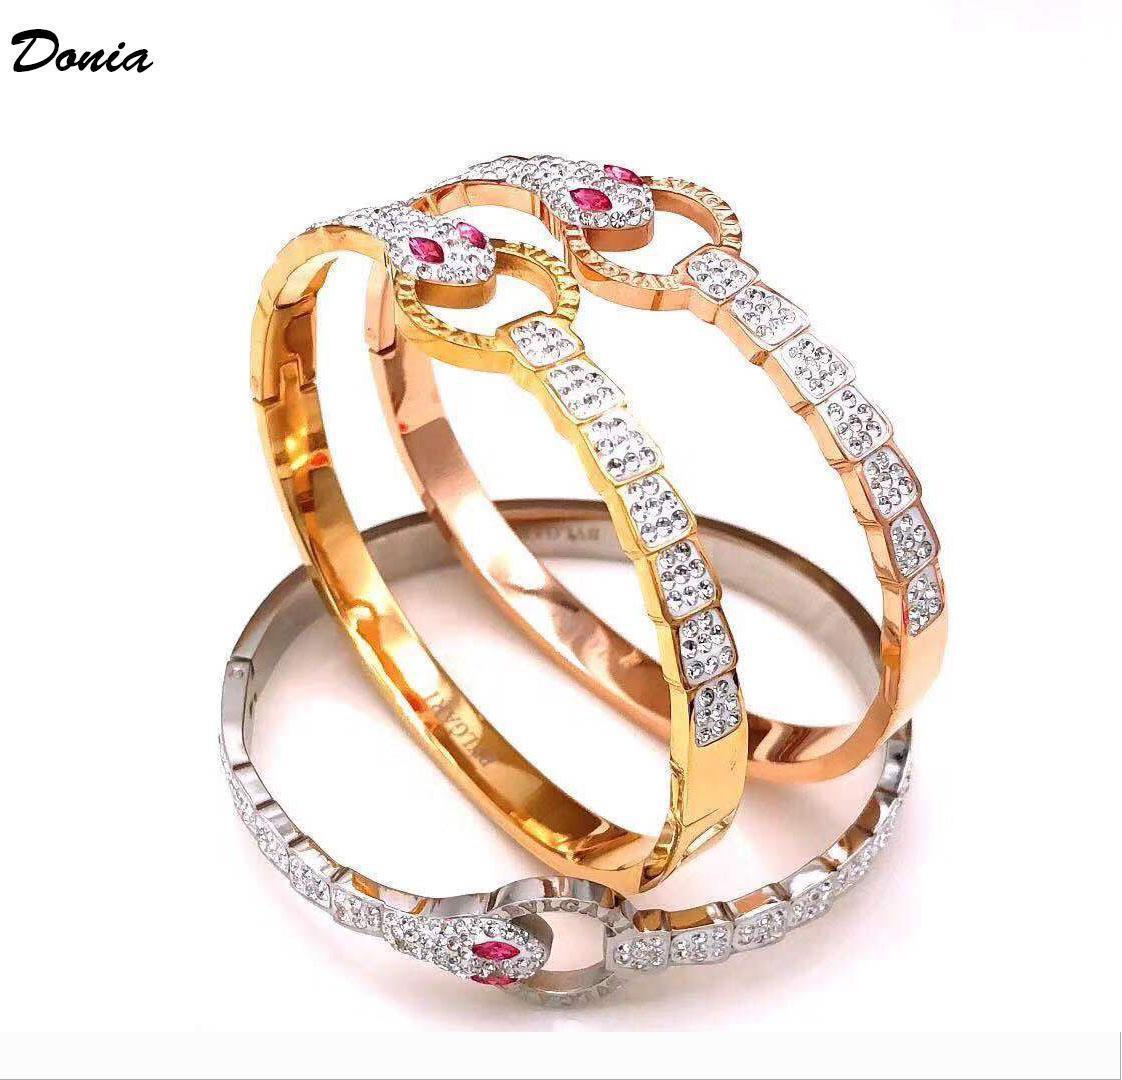 Donia jóias de luxo de moda exagero micro inlay cor zircão ajustável Bracelet feroz padrão animal presente de aniversário do partido